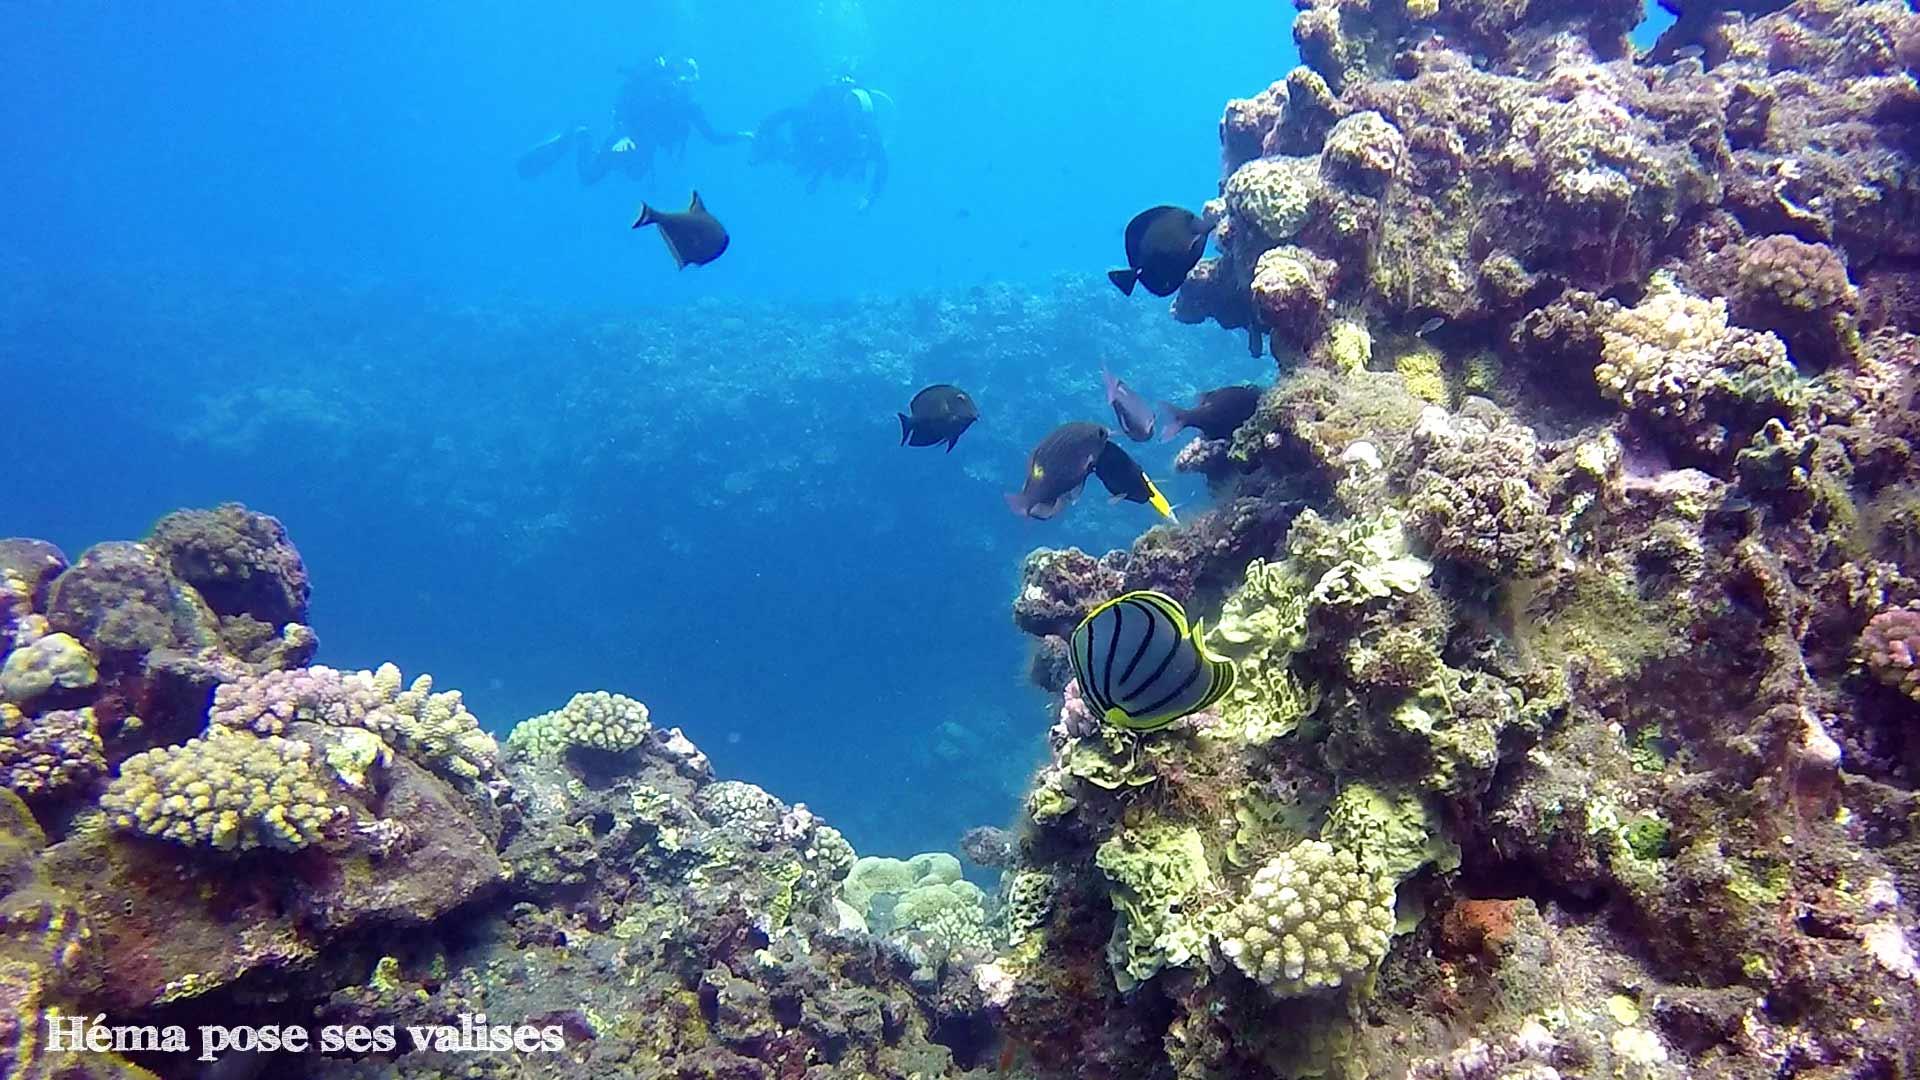 Découverte de la faune et flore sous-marine en plongée à La Réunion